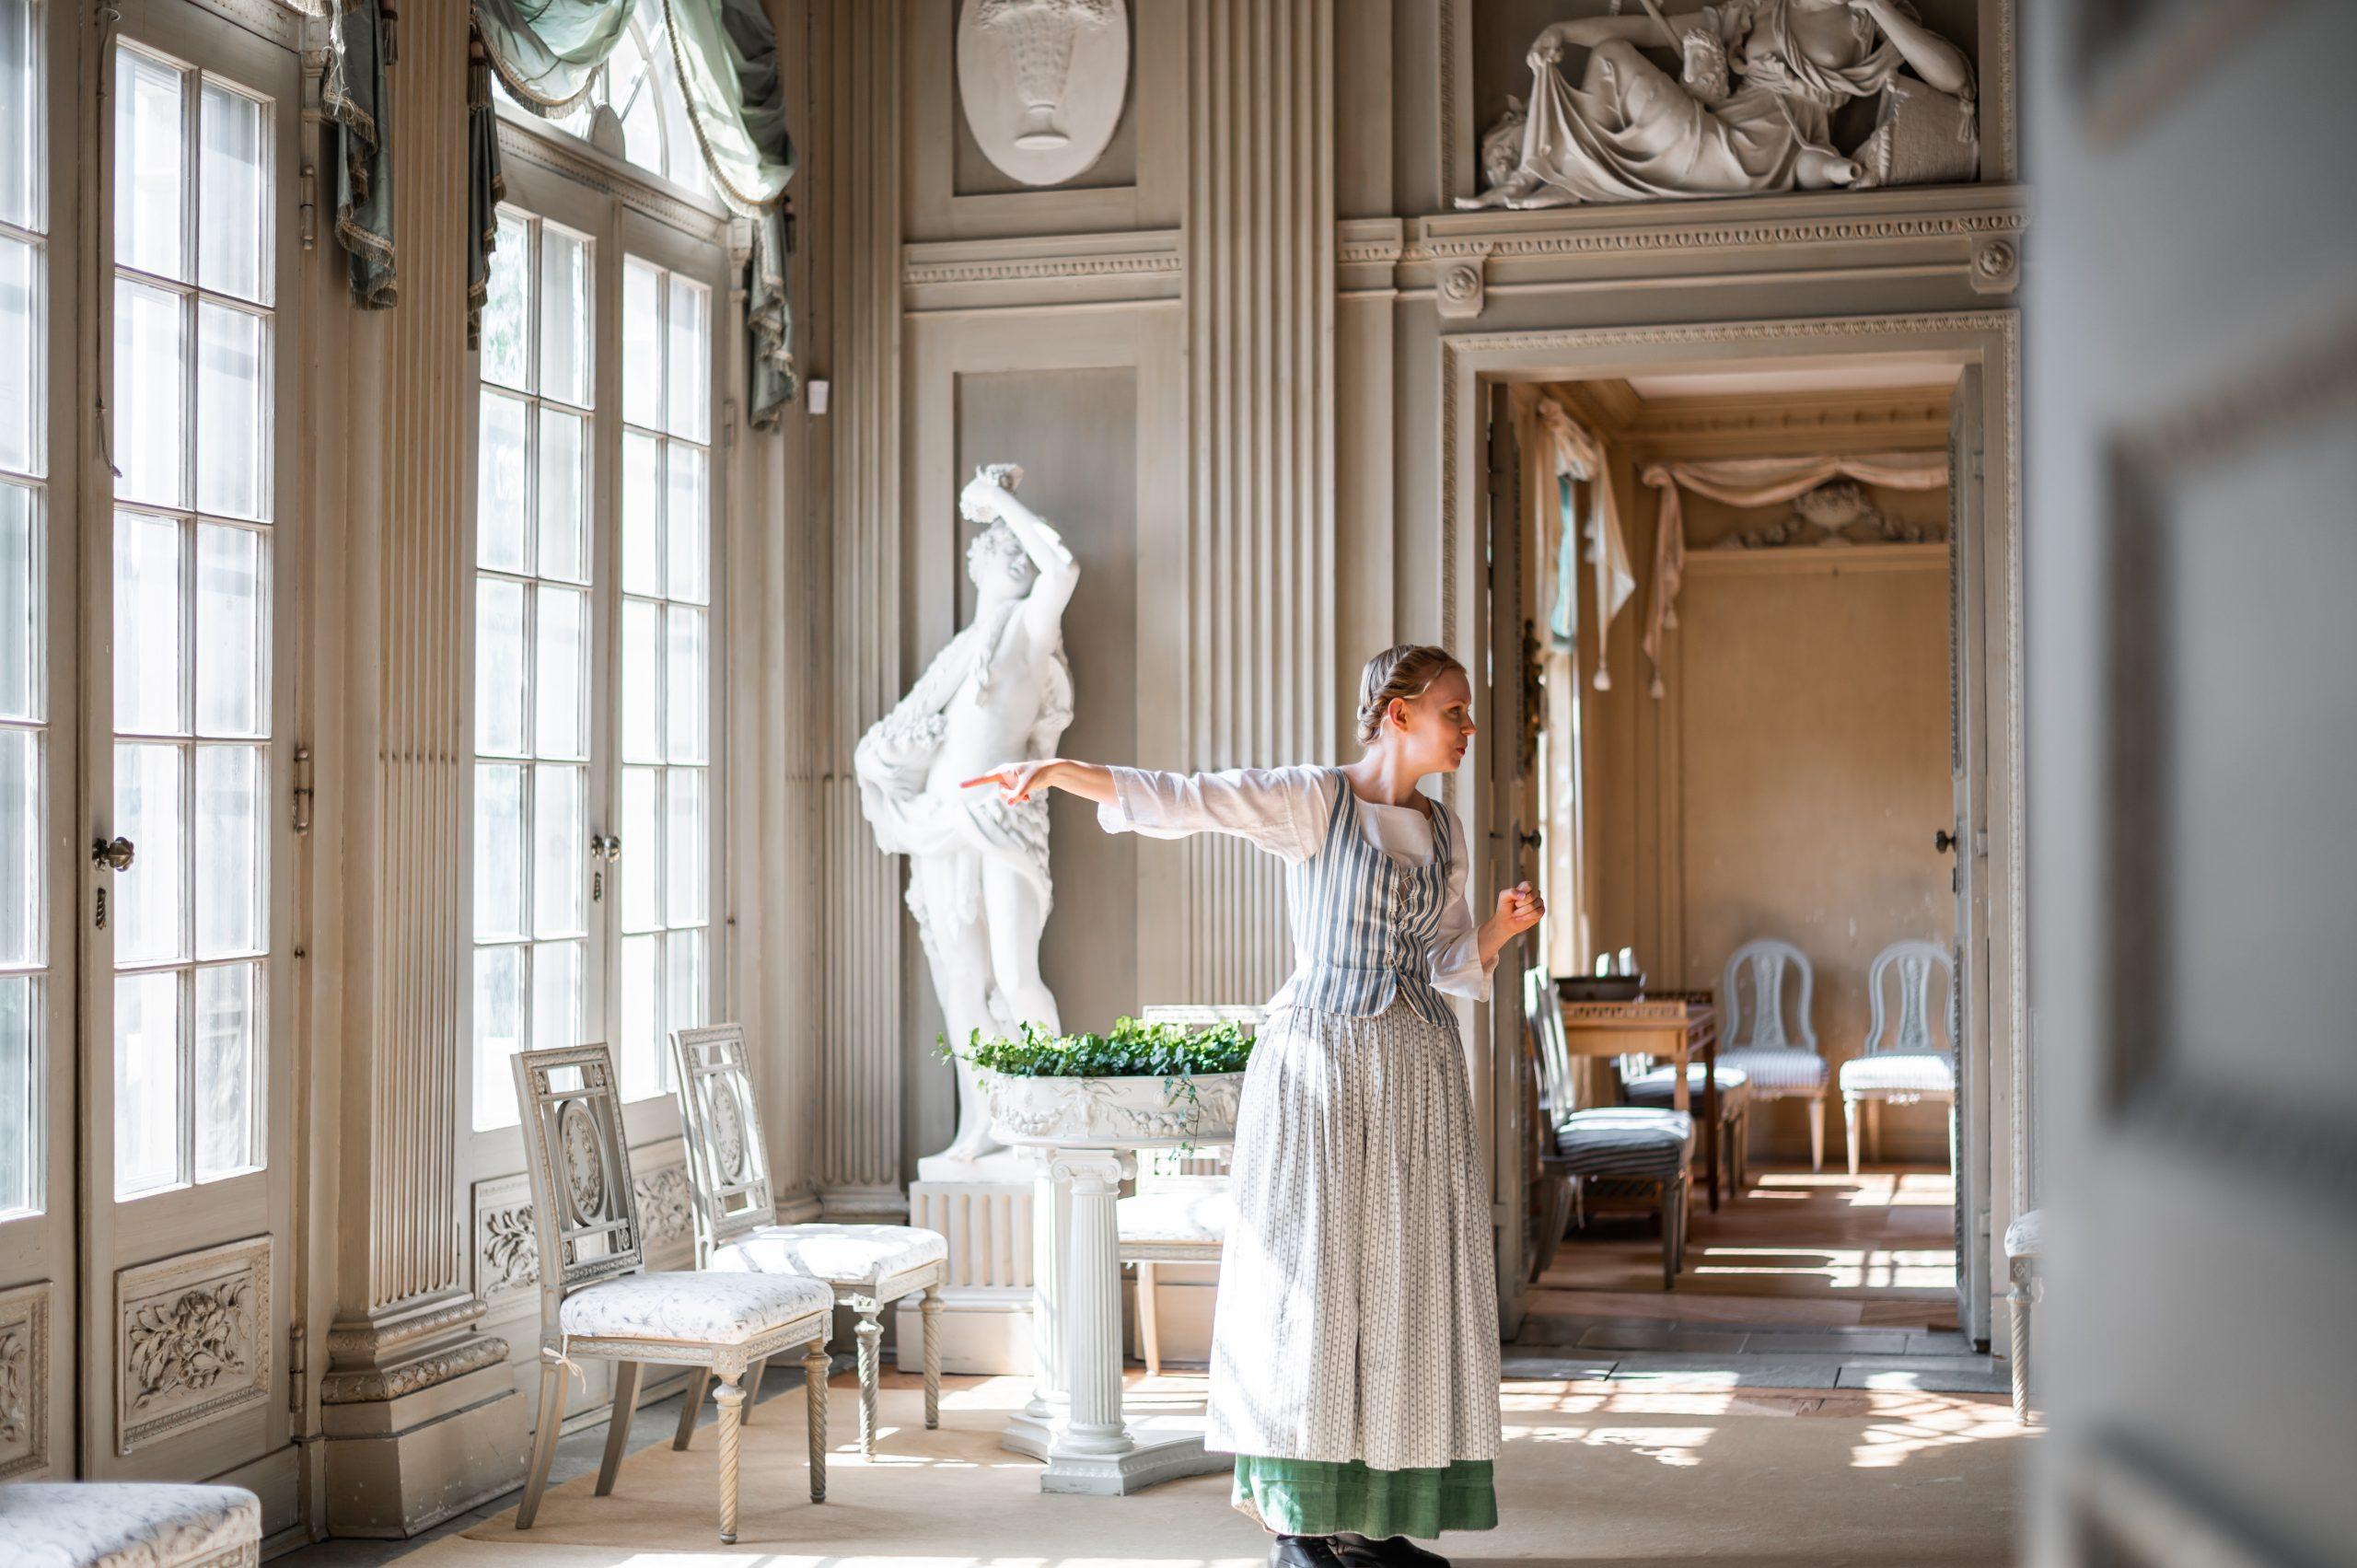 kvinna visar slottet i tidsenlig klädsel